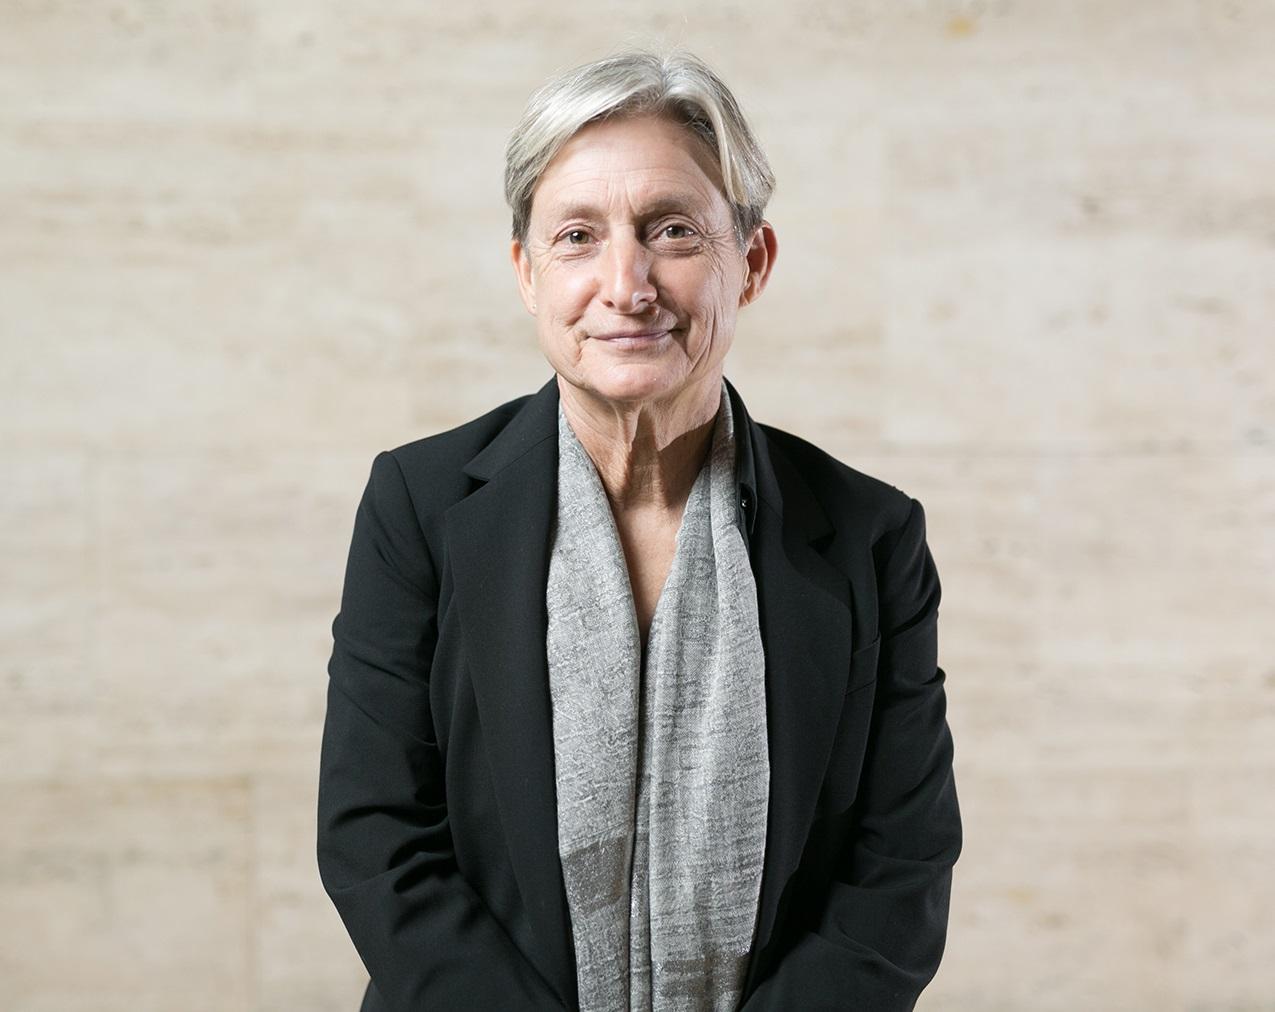 https://commons.wikimedia.org/wiki/File:Judith_Butler_al_CCCB_2018.jpg